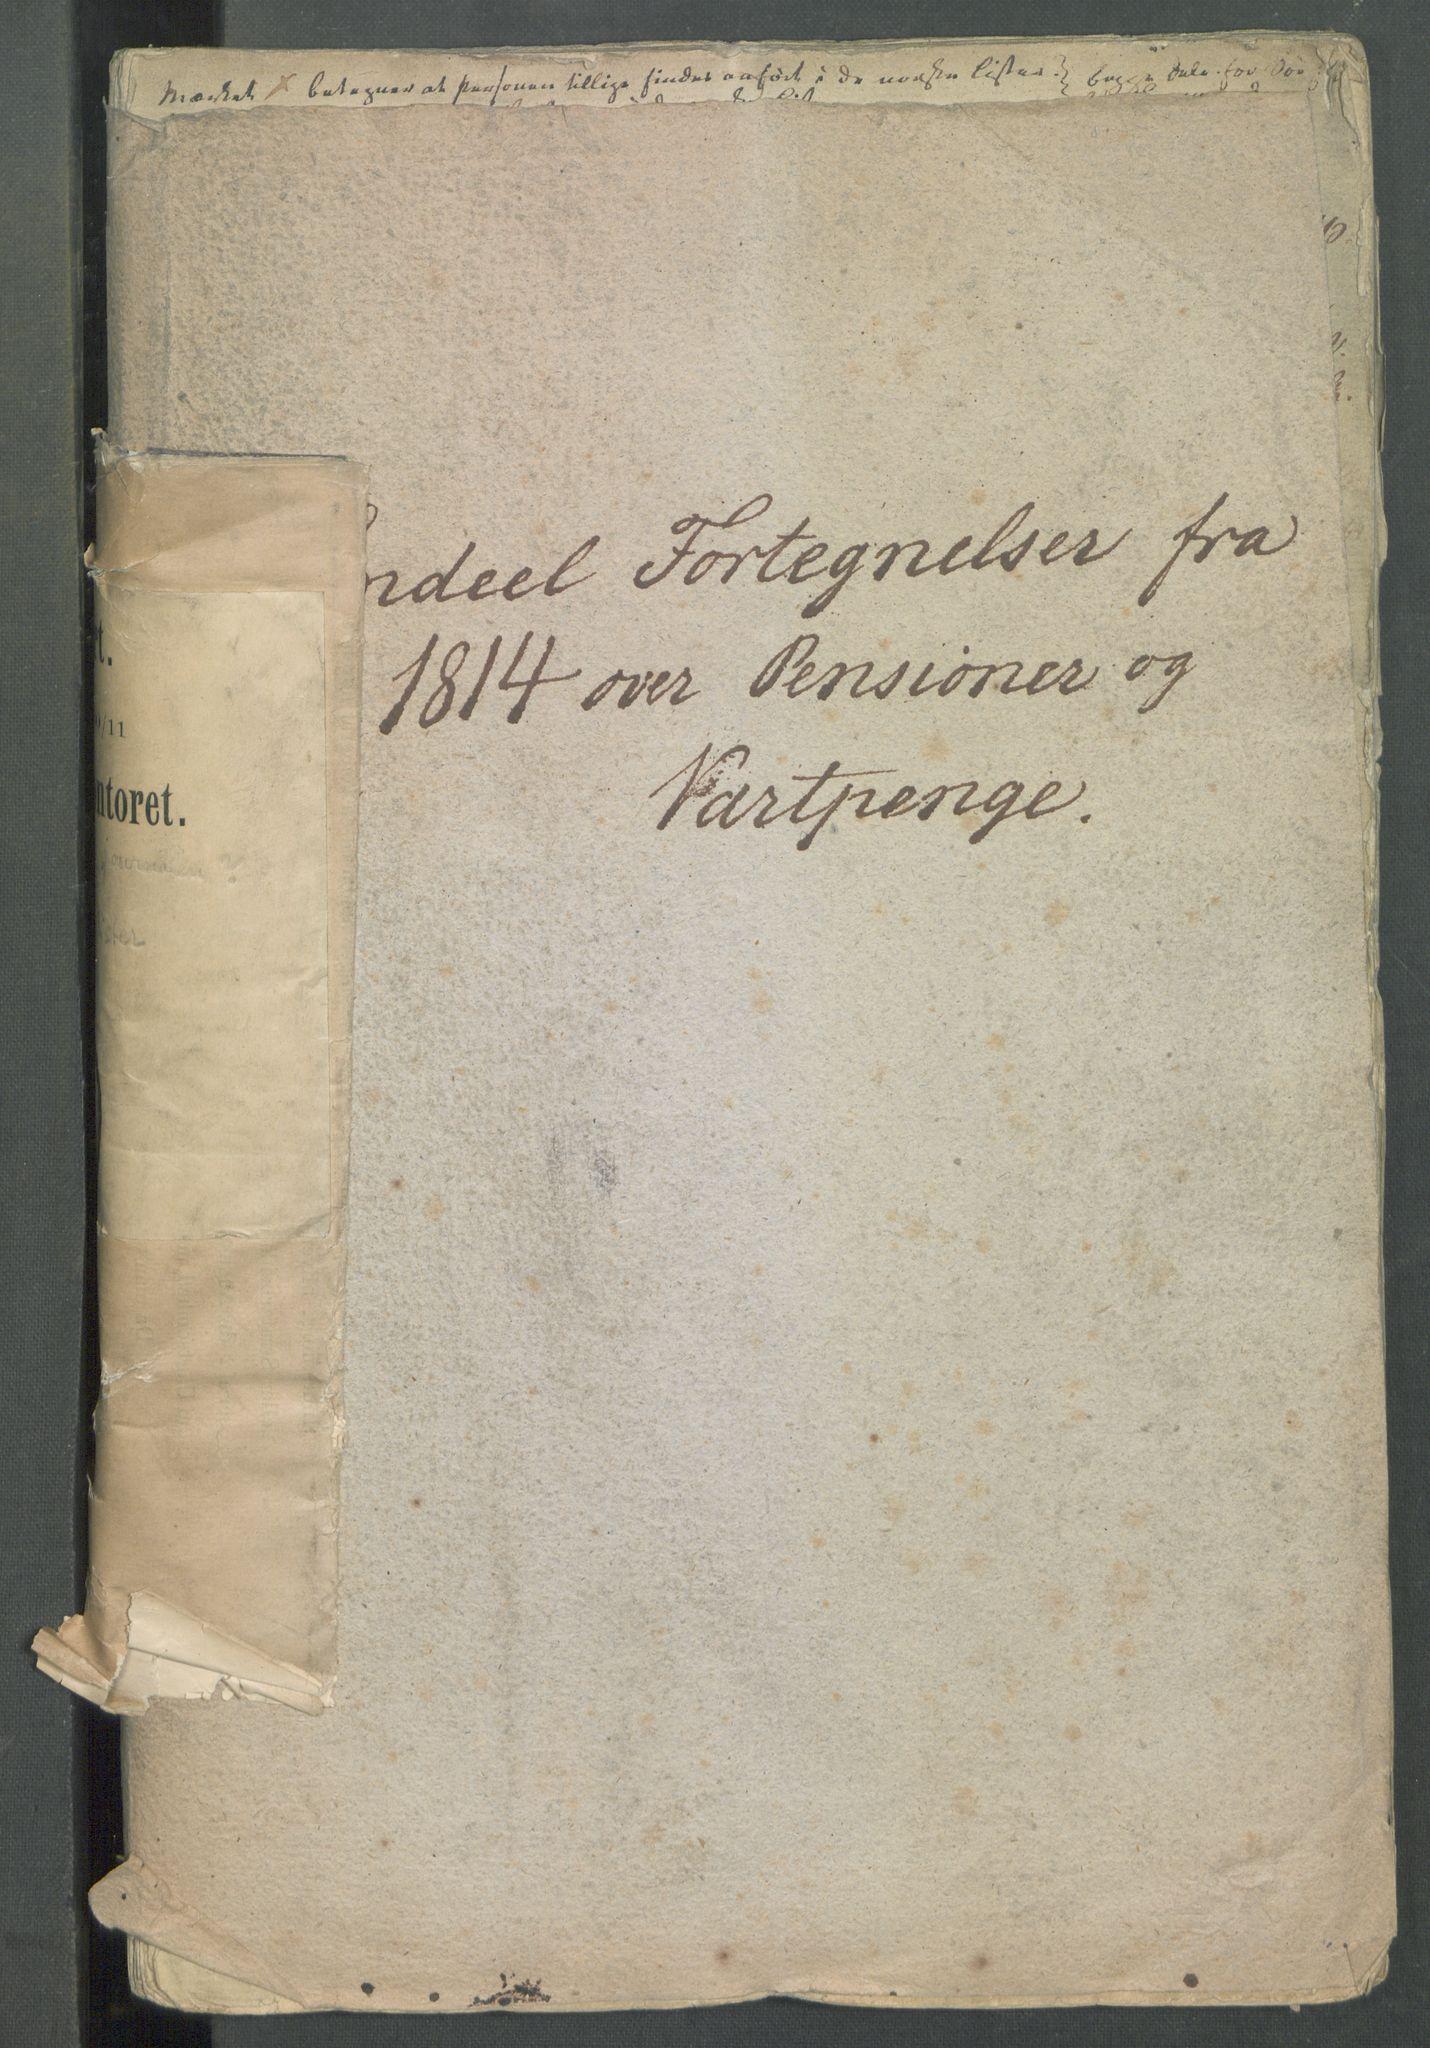 """RA, Departementene i 1814, Fa/L0027: Bokholderkontoret - """"En del fortegnelser fra 1814 over pensjoner og vartpenge"""", 1814, s. 2"""